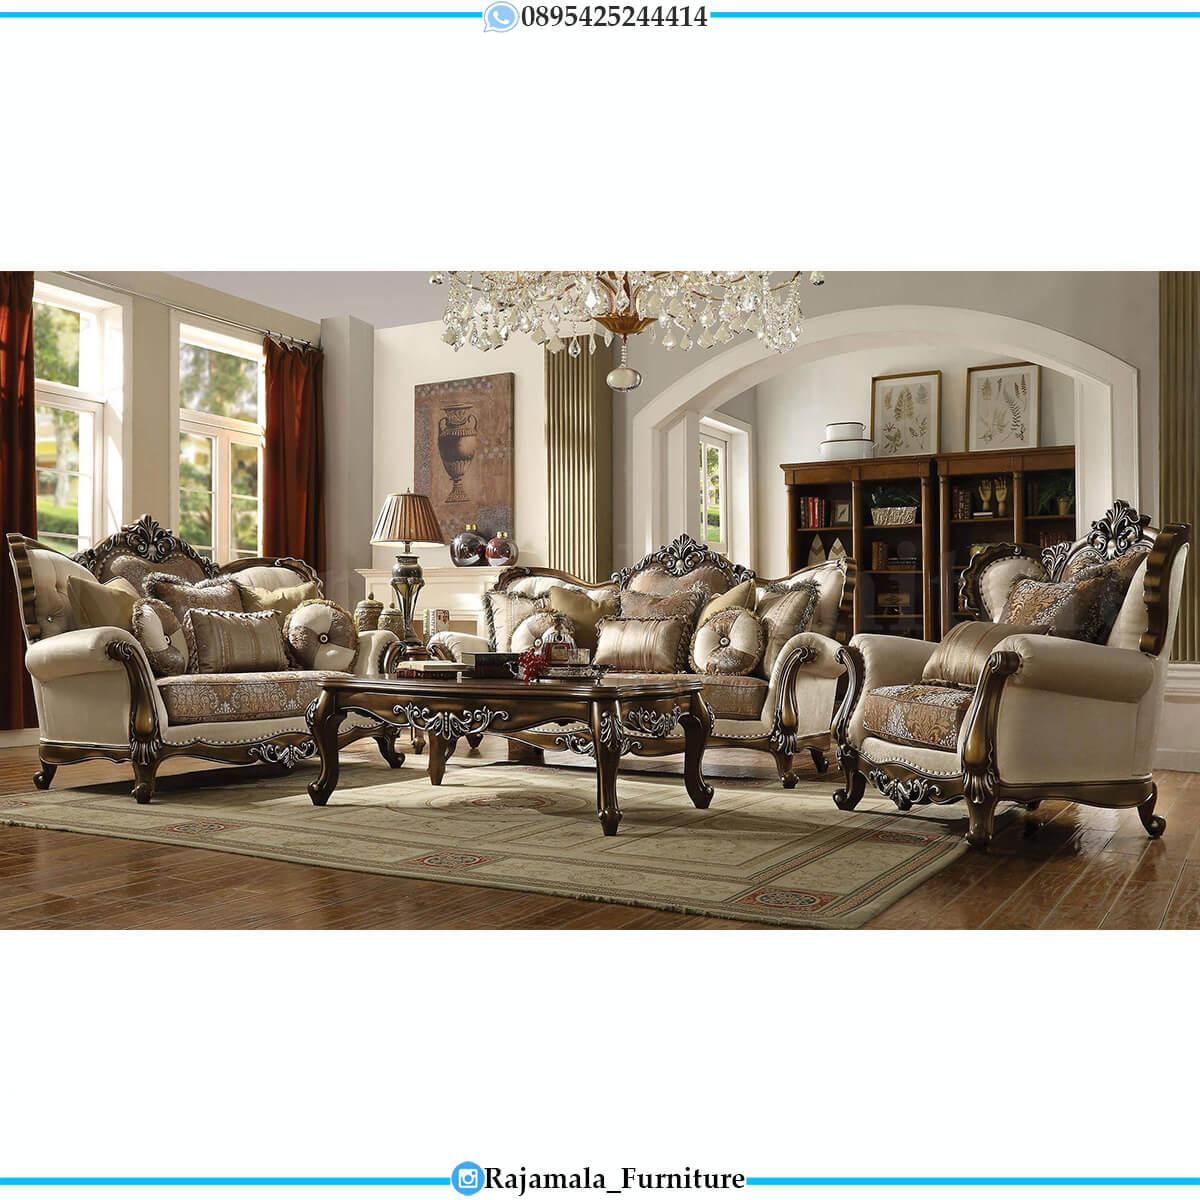 Great Desain Sofa Ruang Tamu Mewah Luxury Carving Classic RM-0729